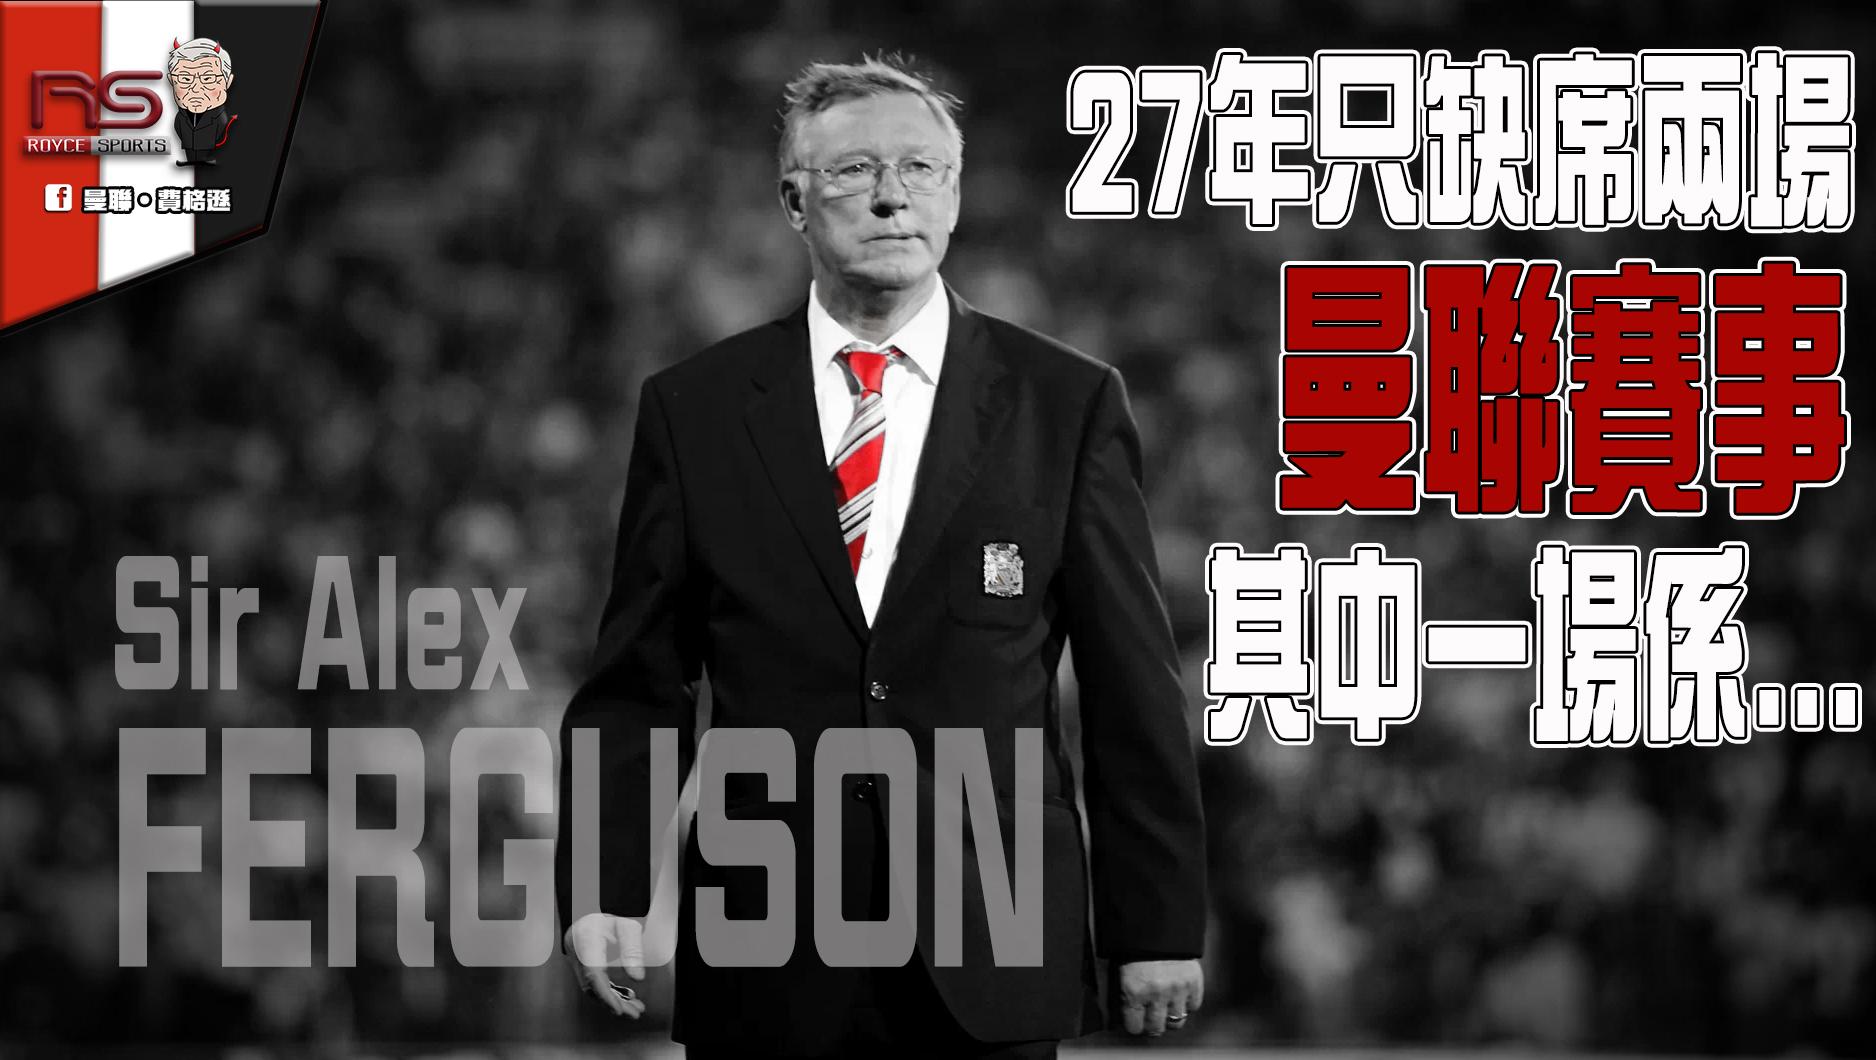 Ferguson-31.jpg